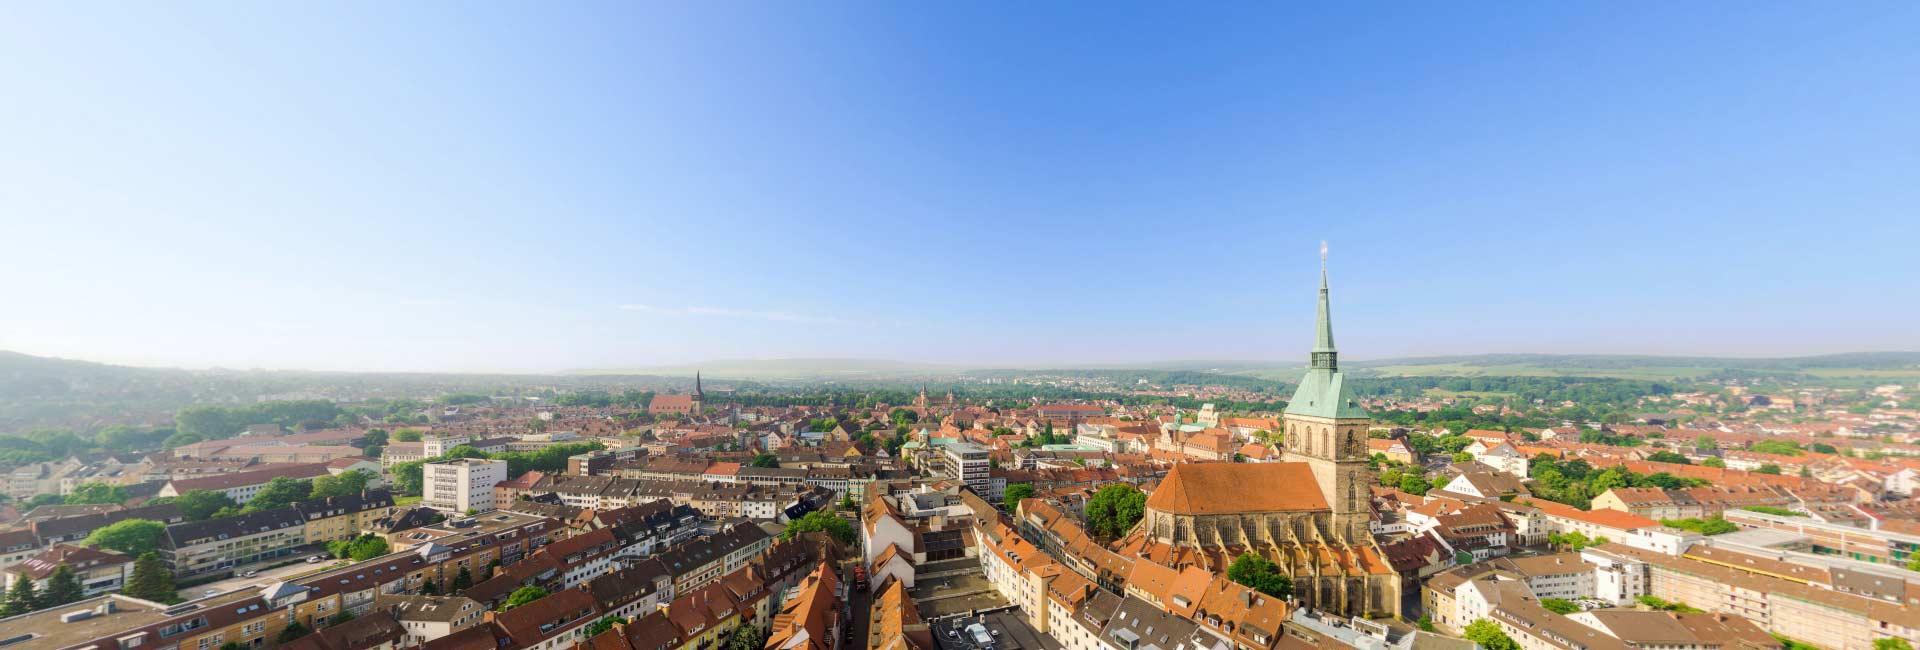 Luftpanorama über Hildesheim